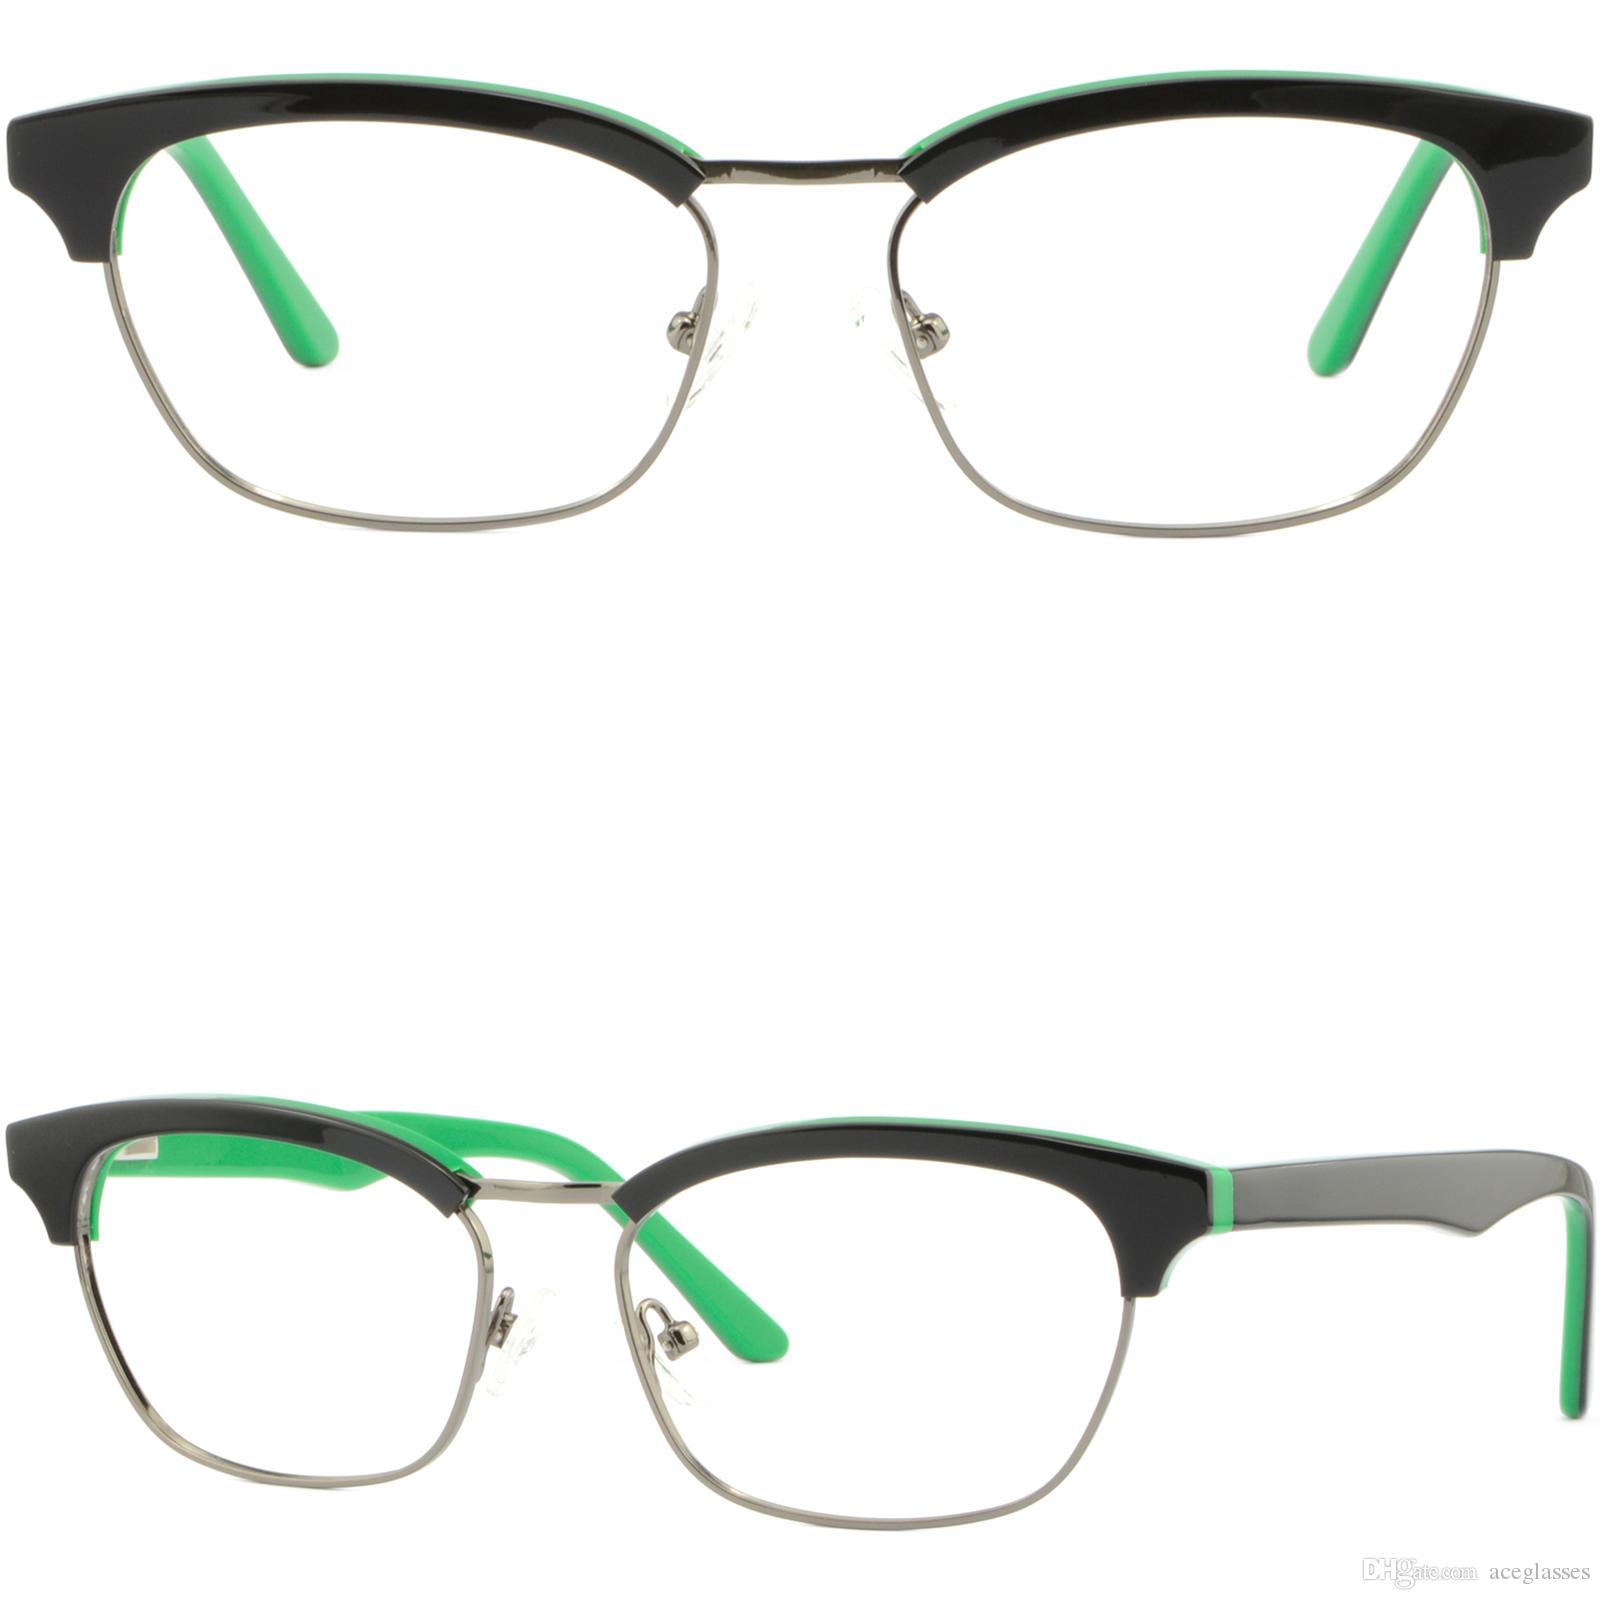 318cb6fffbc Black Green Women Girls Browline Frames Acetate Glasses Eyeglasses Spring  Hinges Inexpensive Eyeglass Frames Japanese Eyeglass Frames From  Aceglasses